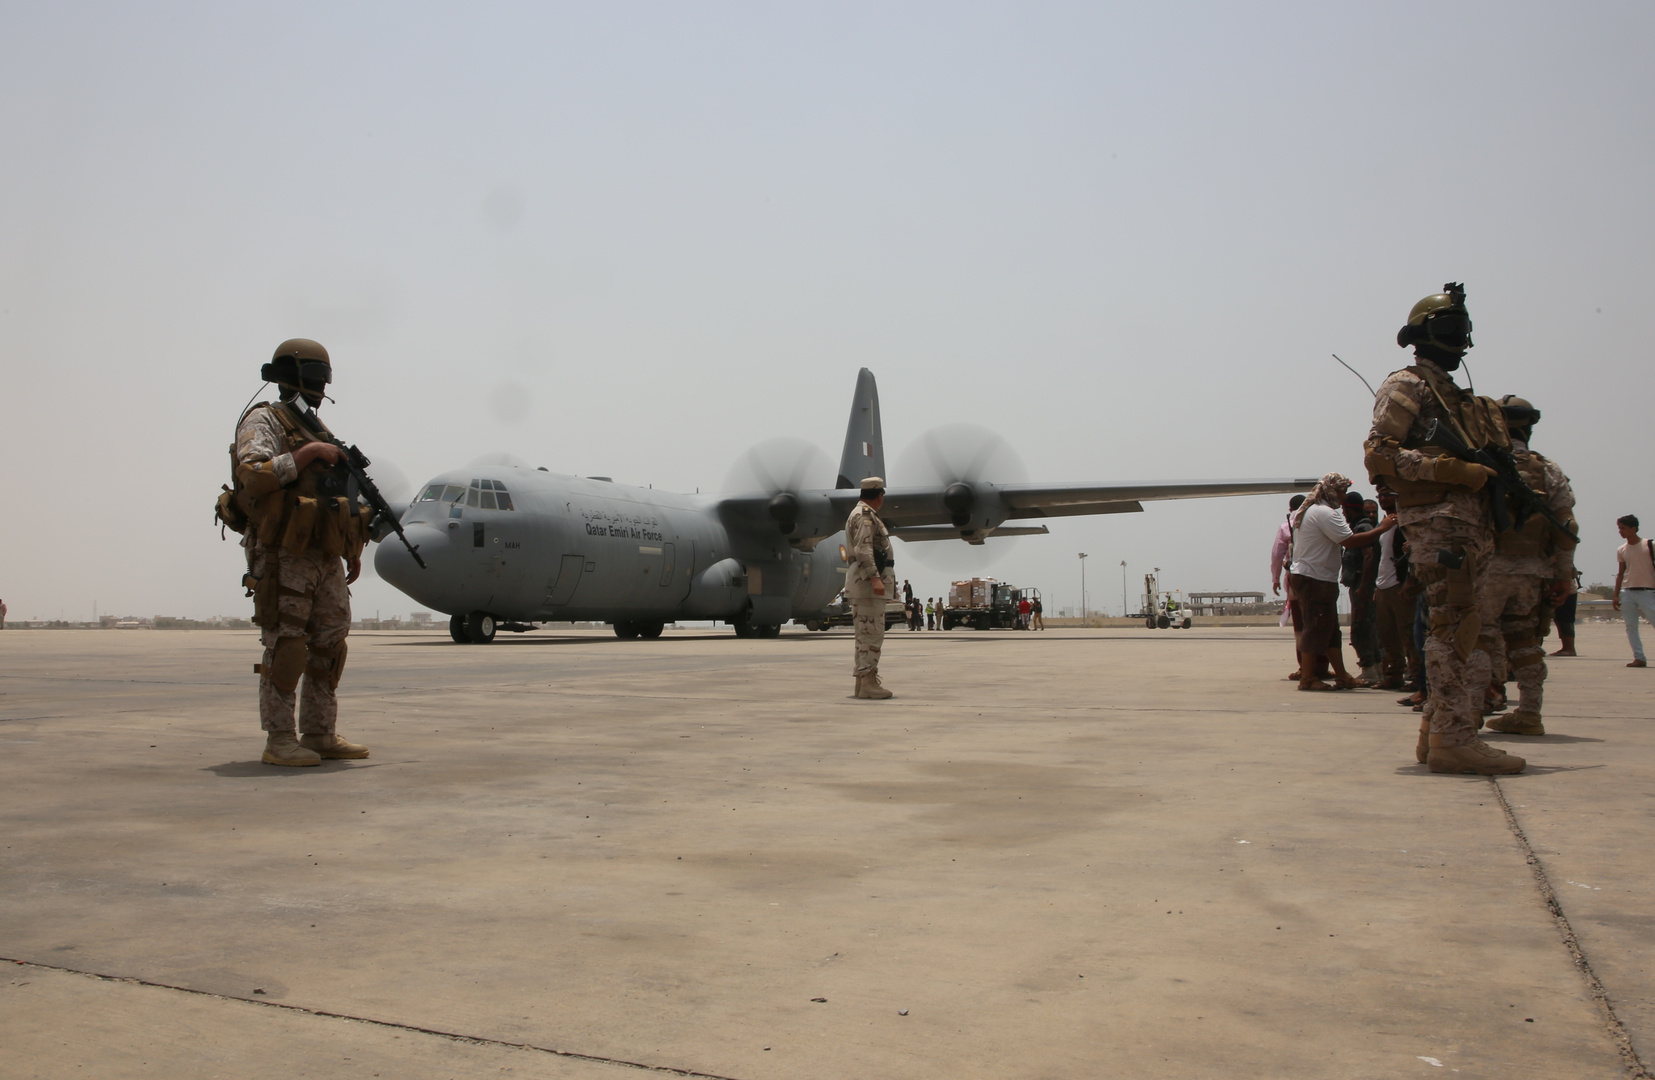 عسكريون إماراتيون في مدينة عدن اليمنية.